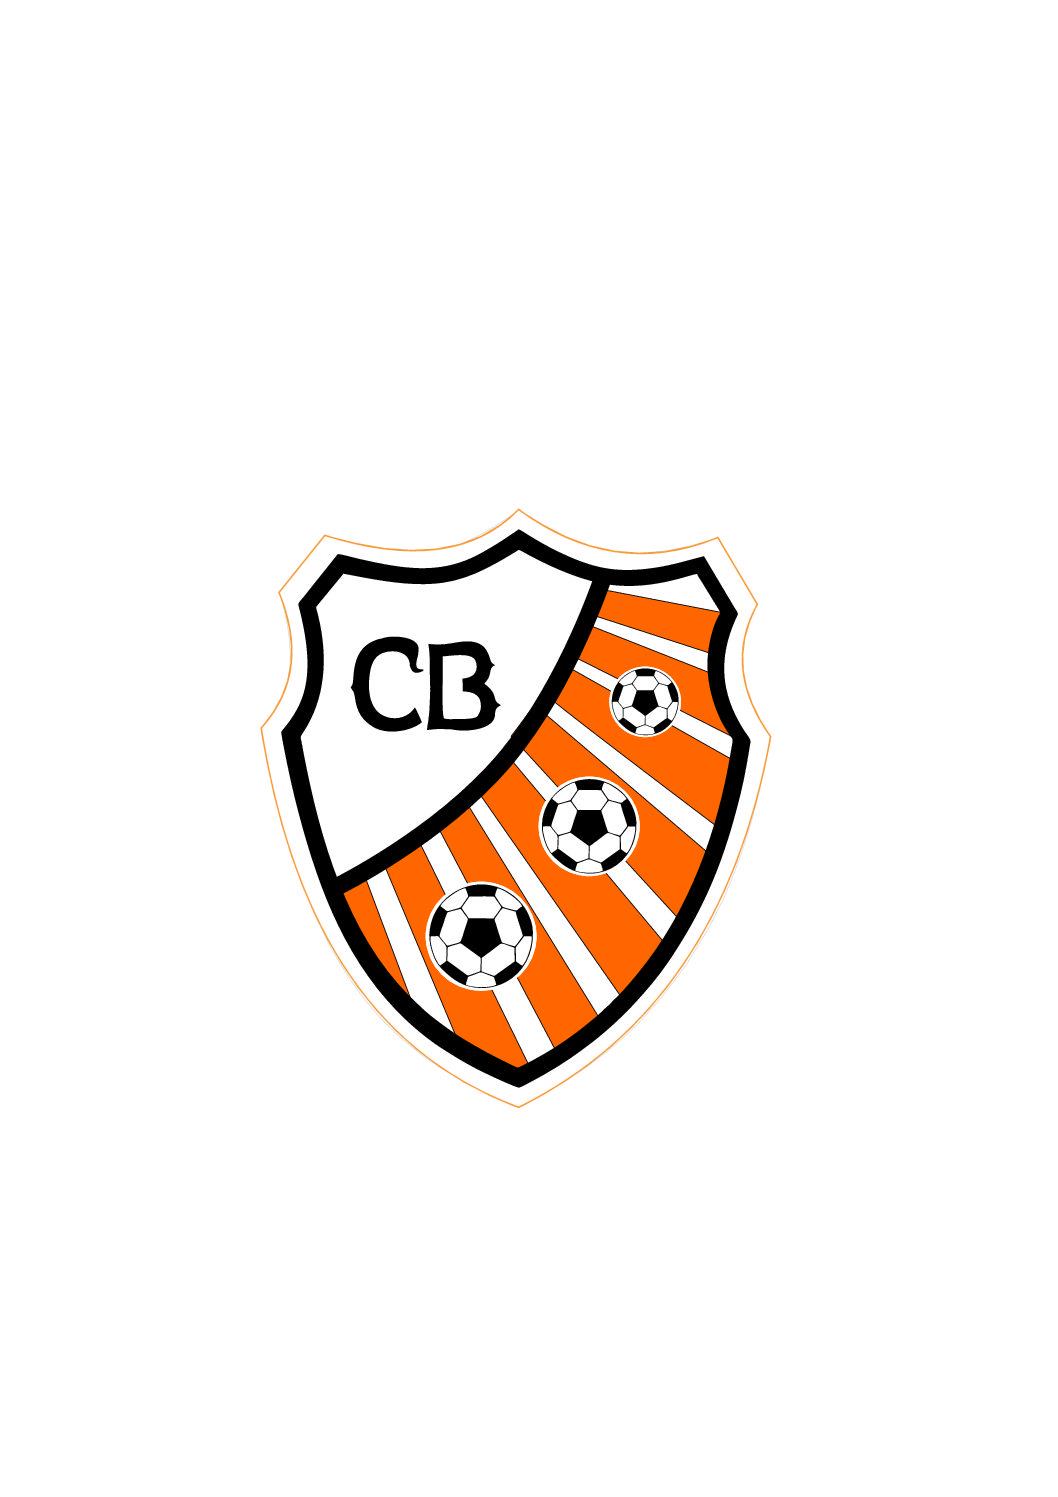 Fardamento personalizado para equipe da ACBF, da cidade de Campos Borges/RS, para disputa da Taça RBS de Futsal 2019.